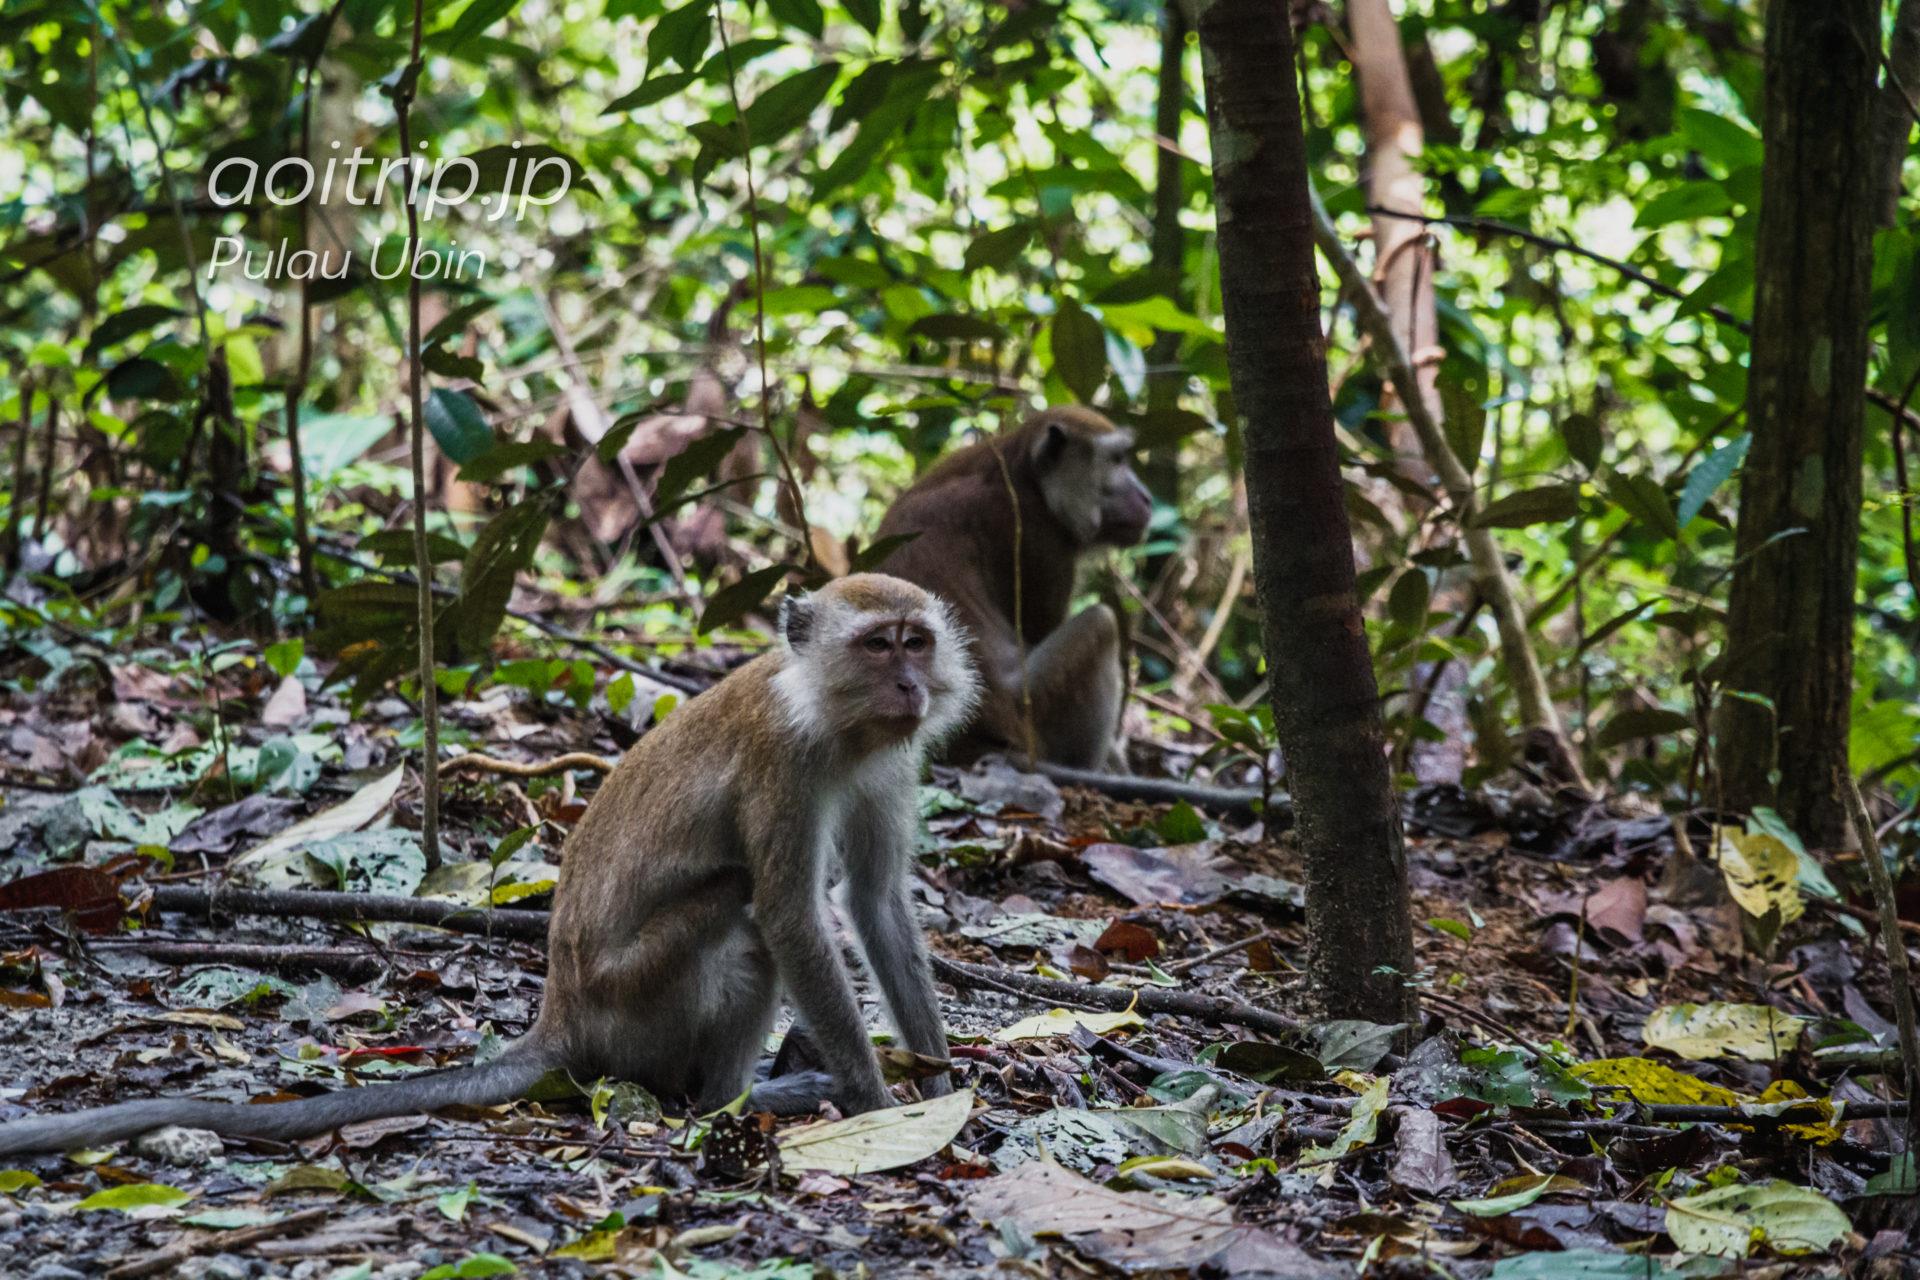 ウビン島に生息する野生の猿